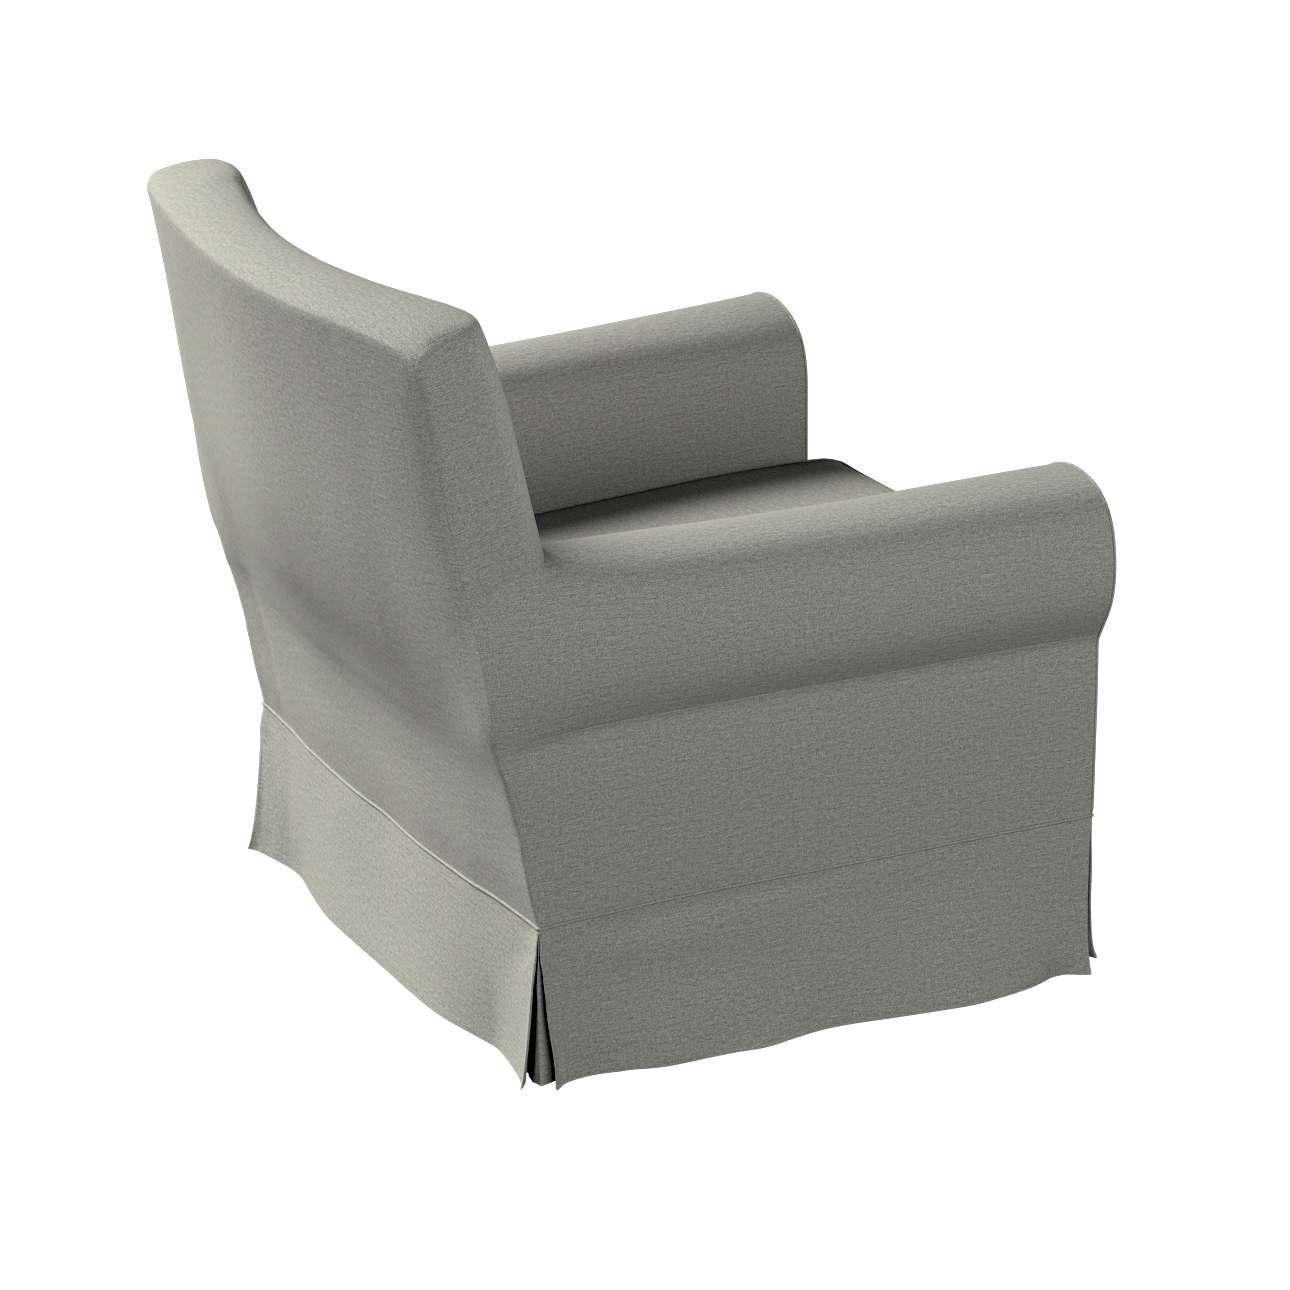 Pokrowiec na fotel Ektorp Jennylund w kolekcji Etna, tkanina: 161-25